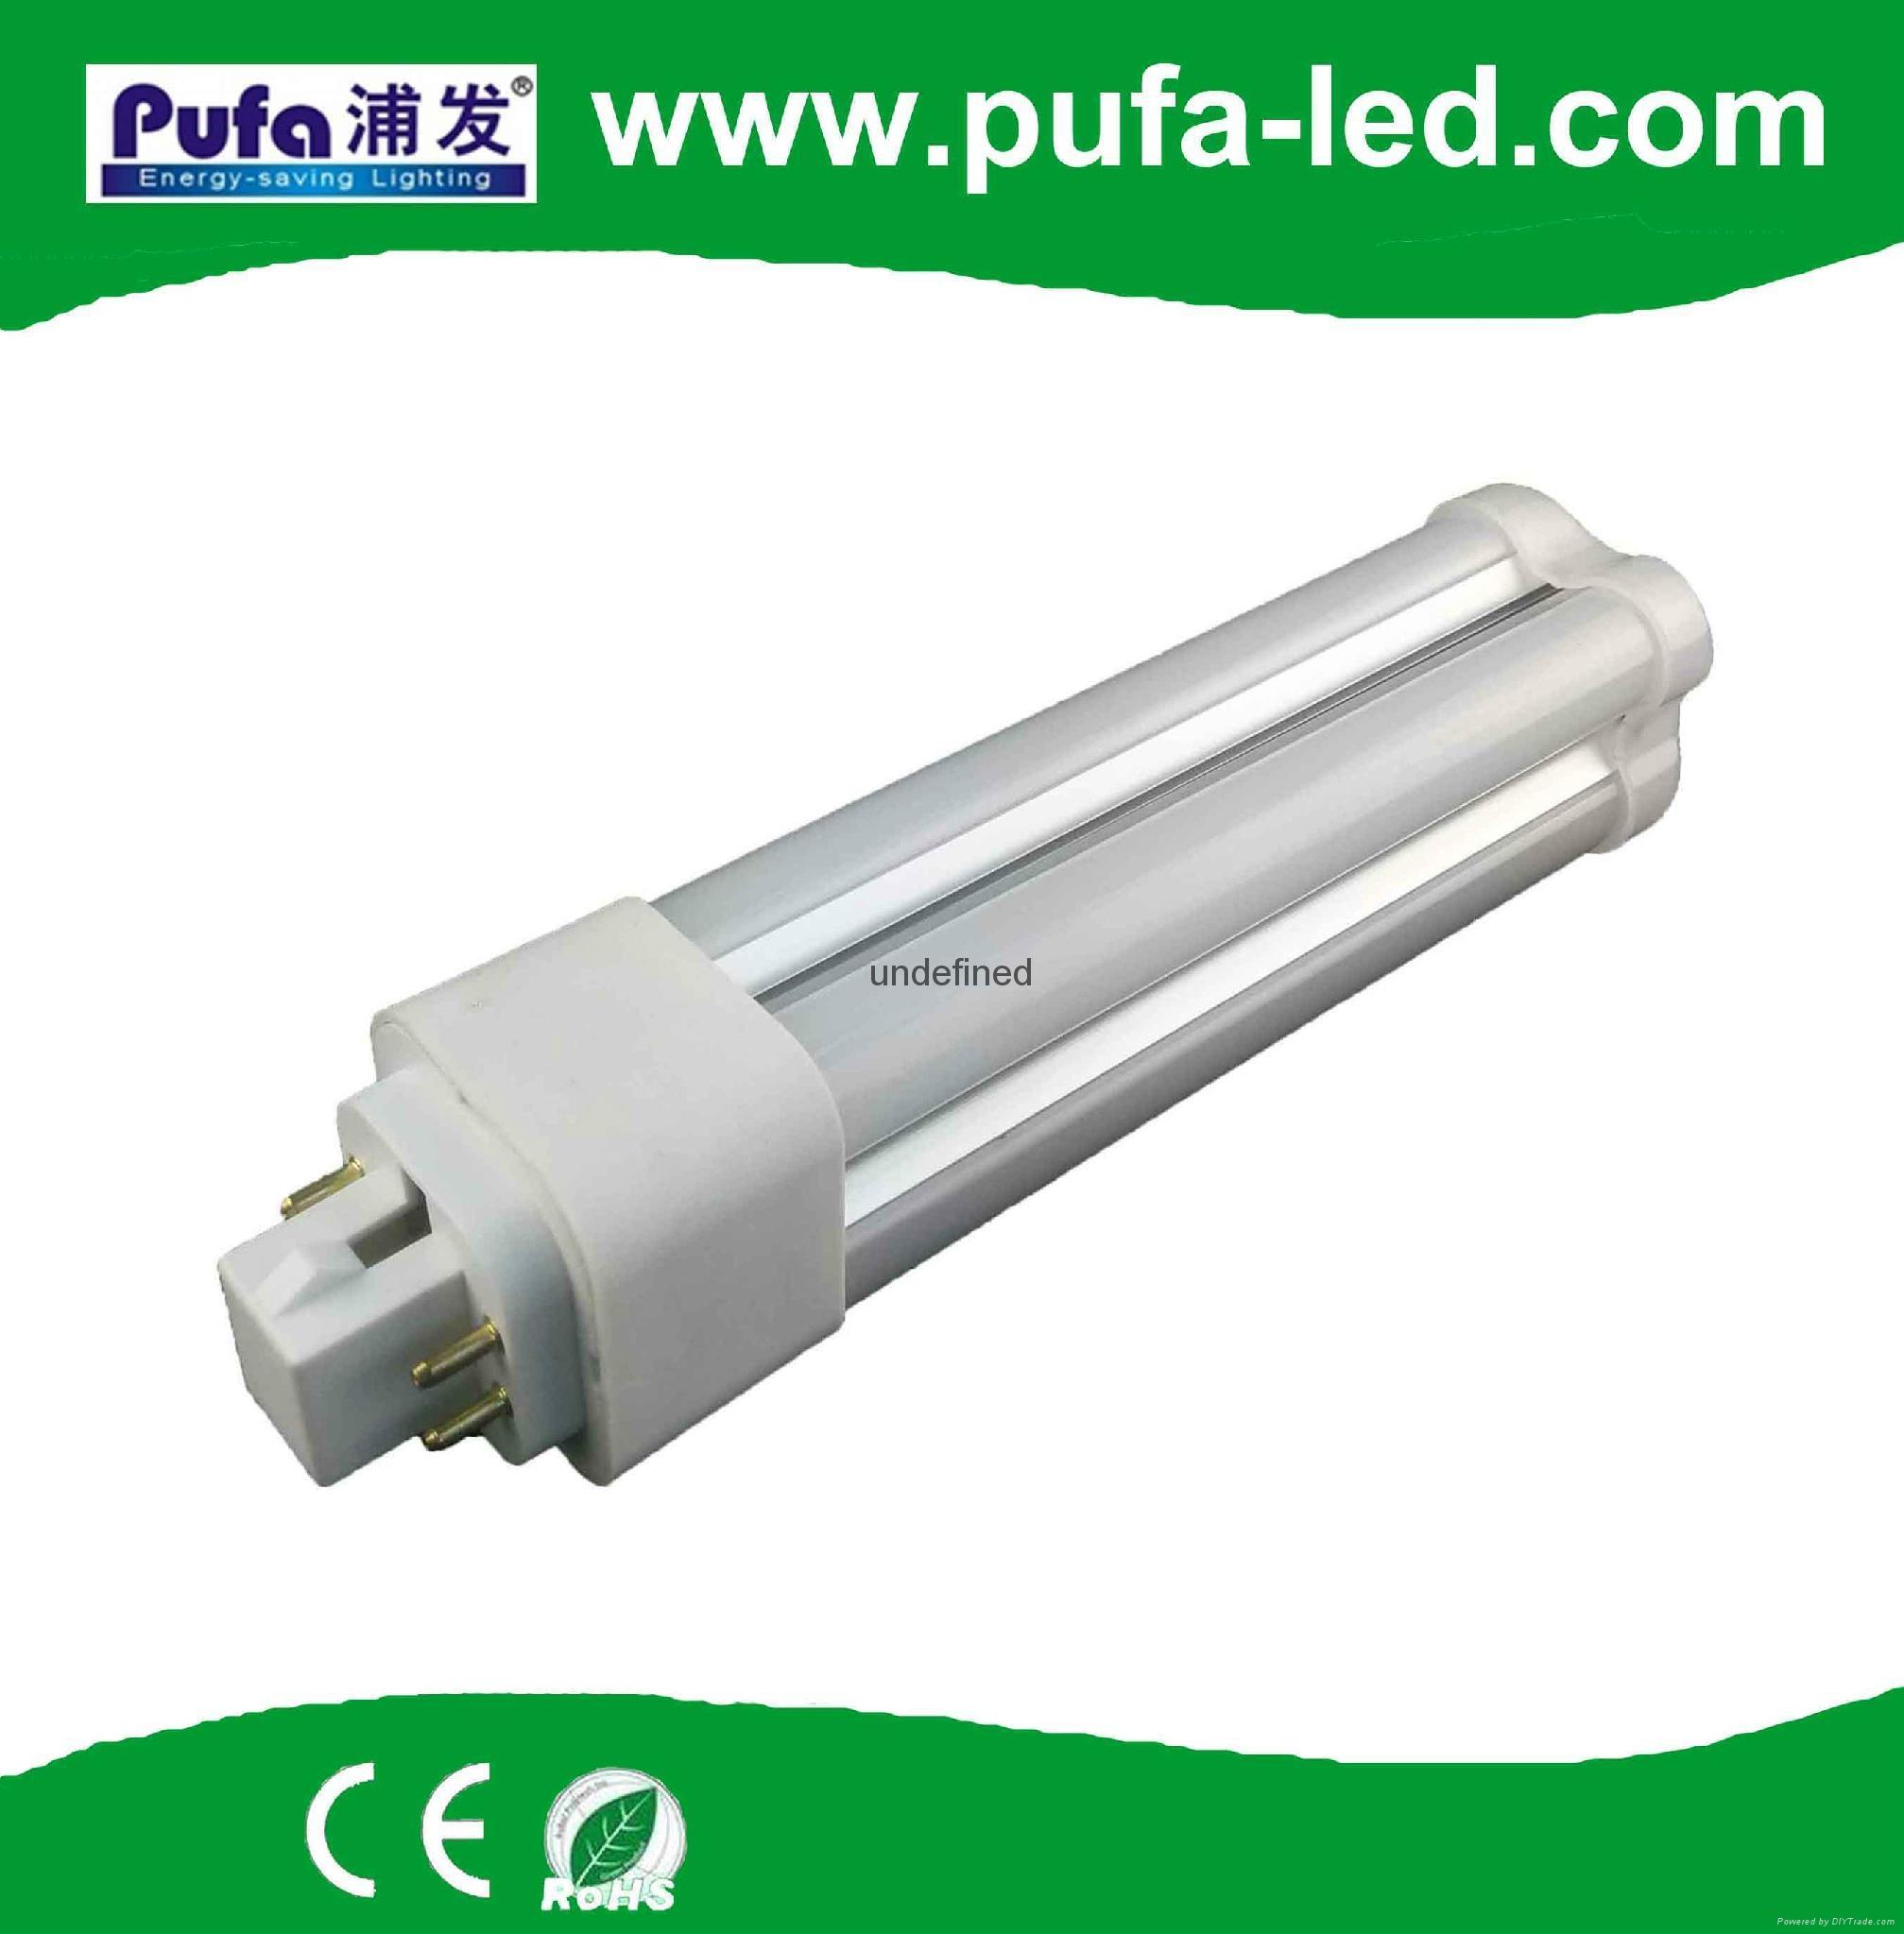 G24 LED 插拔灯9W 1